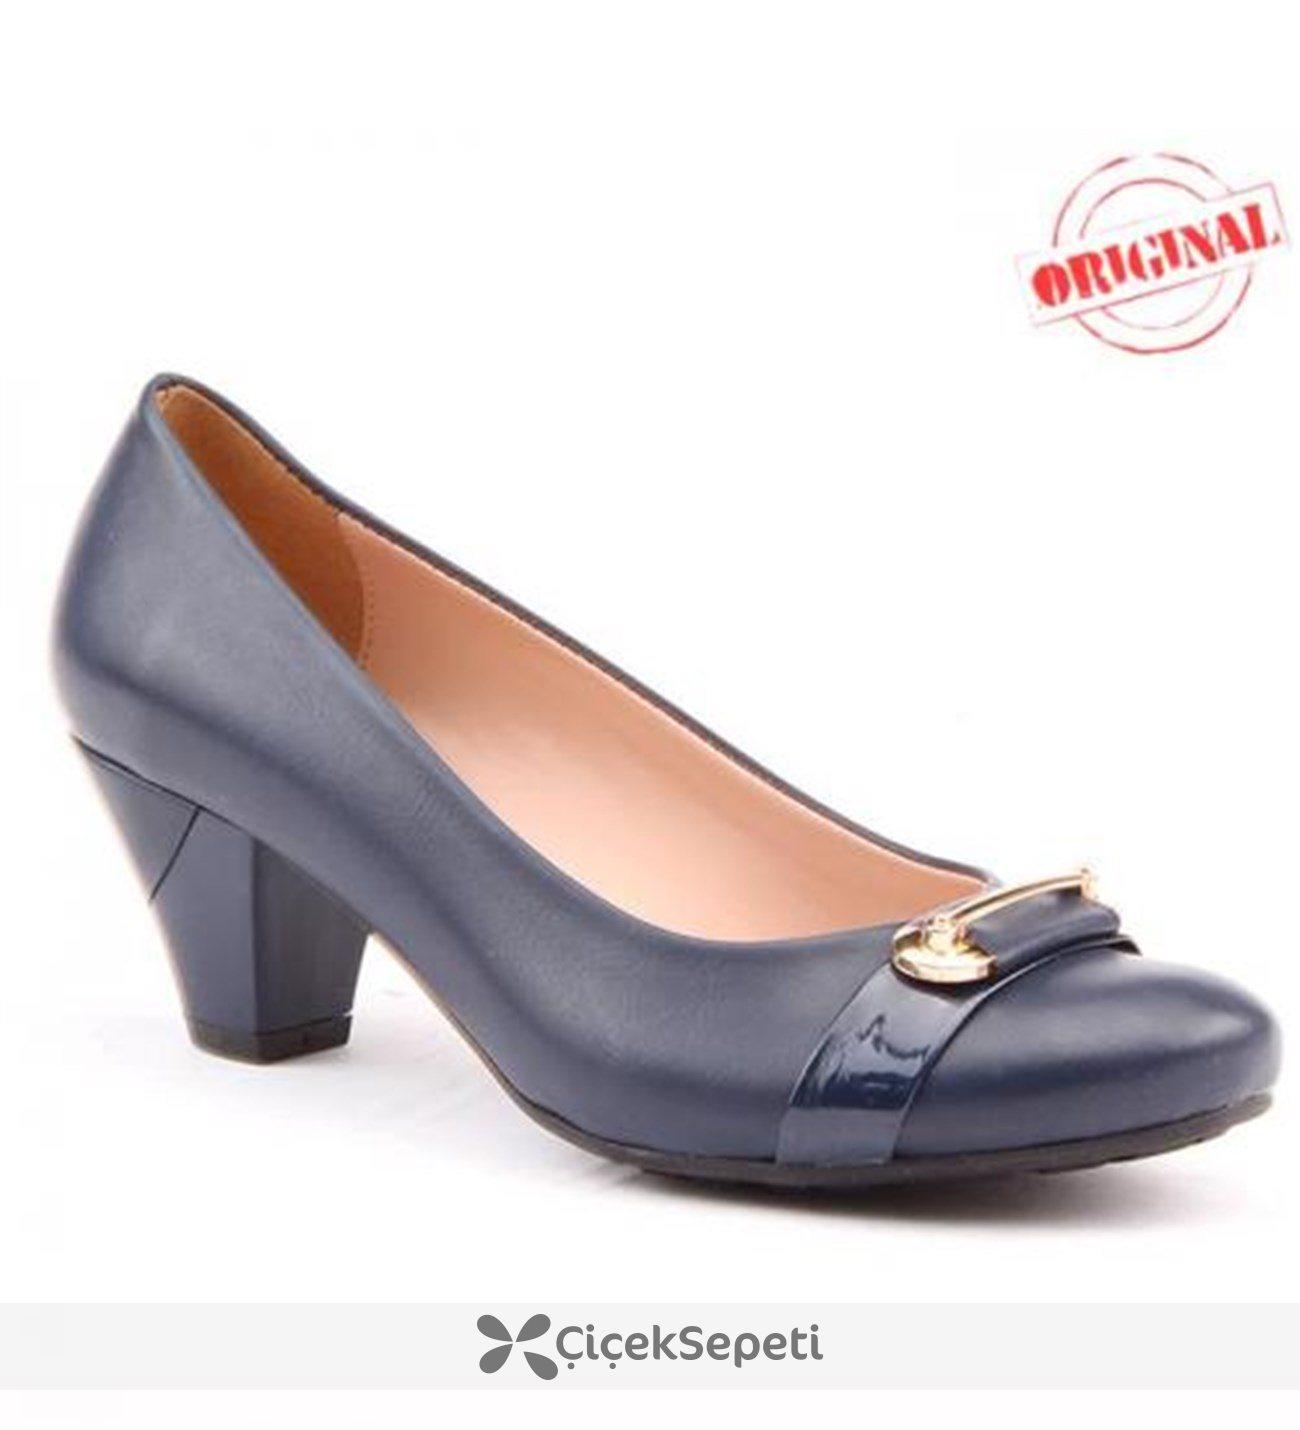 Demirtaş 483 Bayan Ayakkabı Günlük Topuklu Fındık 45 cm